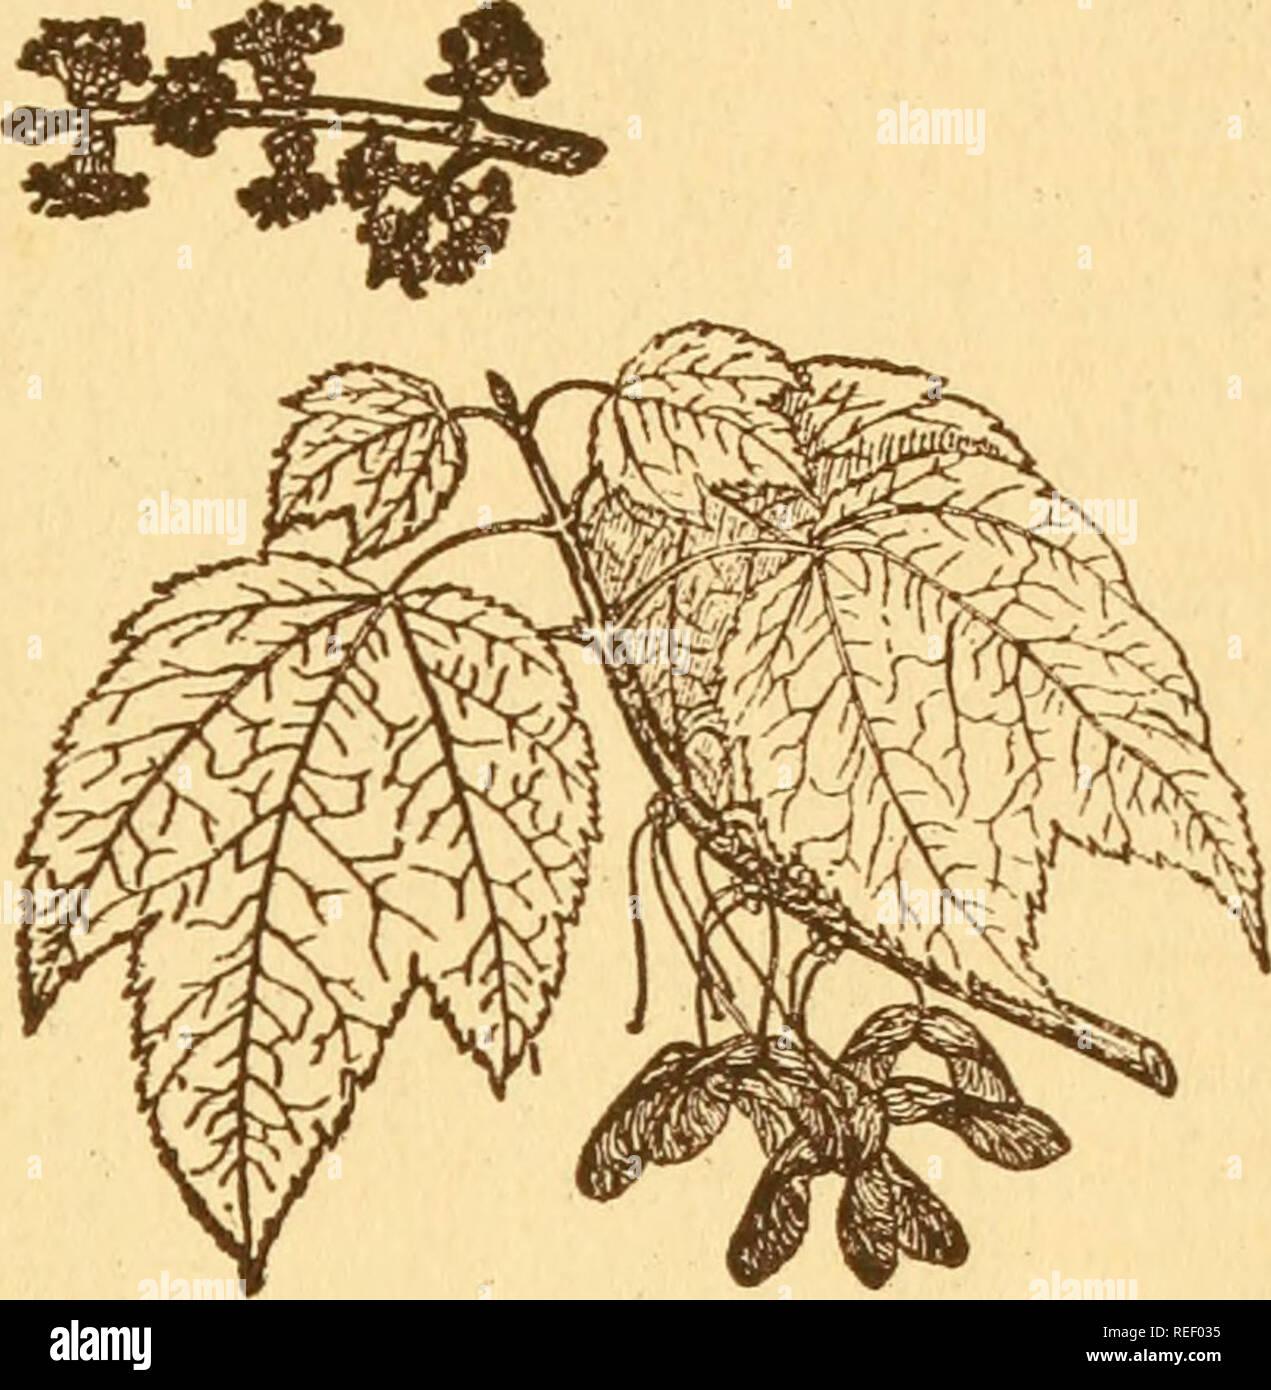 8f6dd0b41 . Árboles Comunes de Nueva York. Árboles  árboles. de Nueva York 107 arce  rojo Acer tubtum